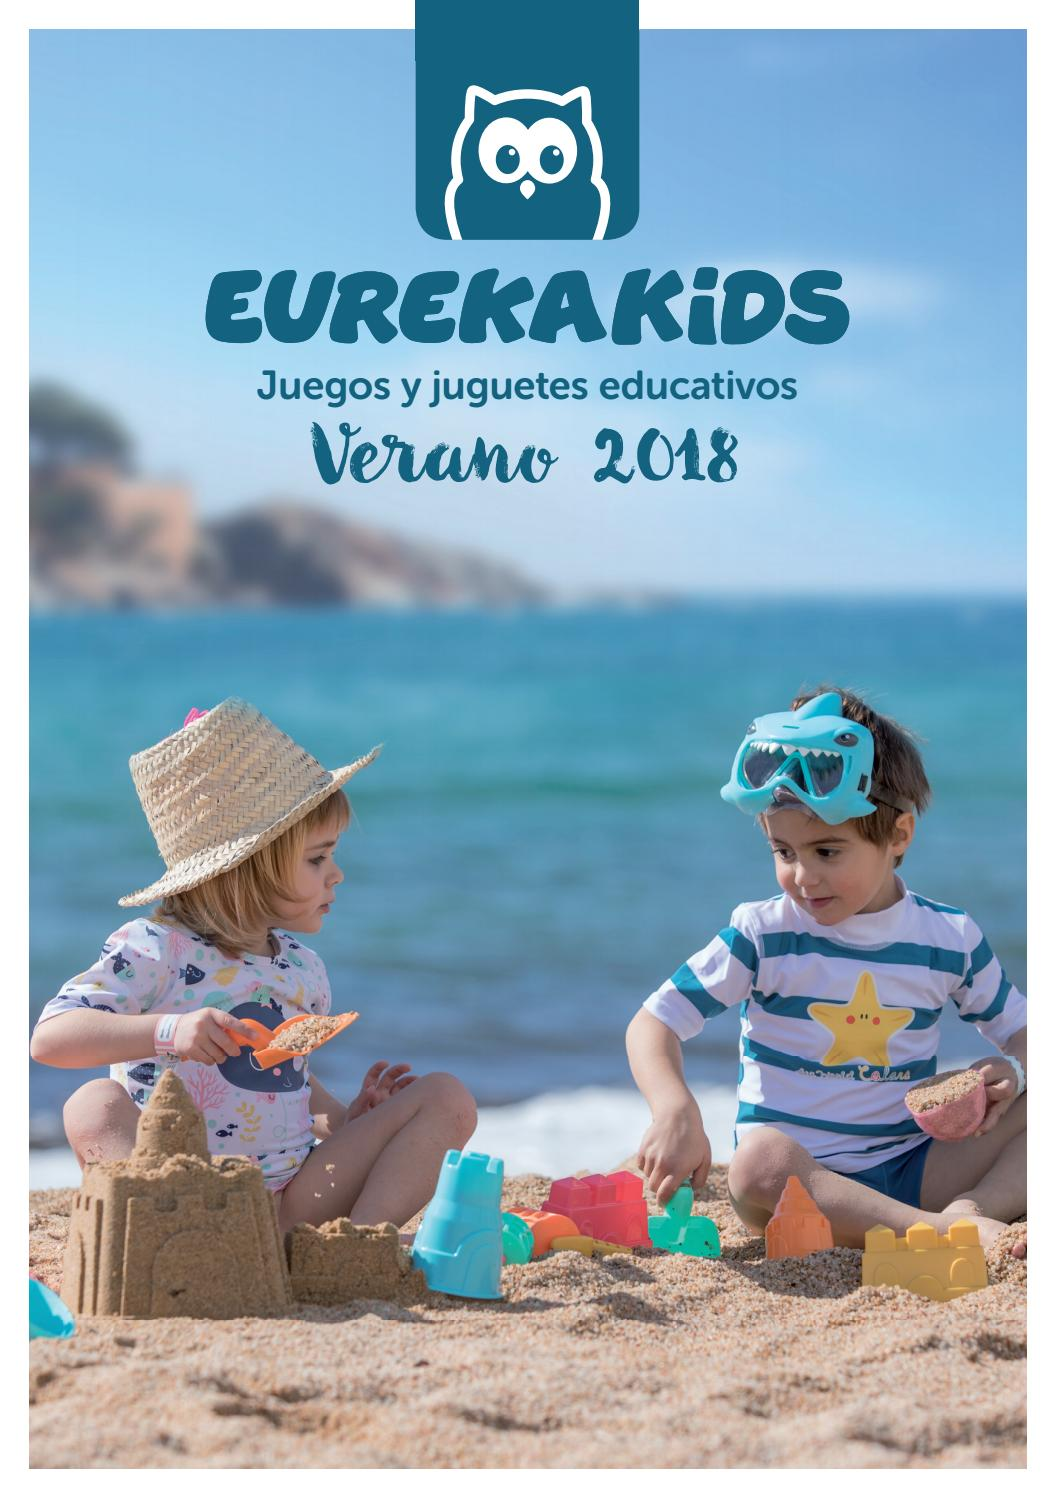 Eurekakids Eurekakids Verano 2018español Eurekakids Eurekakids 2018español 2018español Verano Verano fY6yb7g